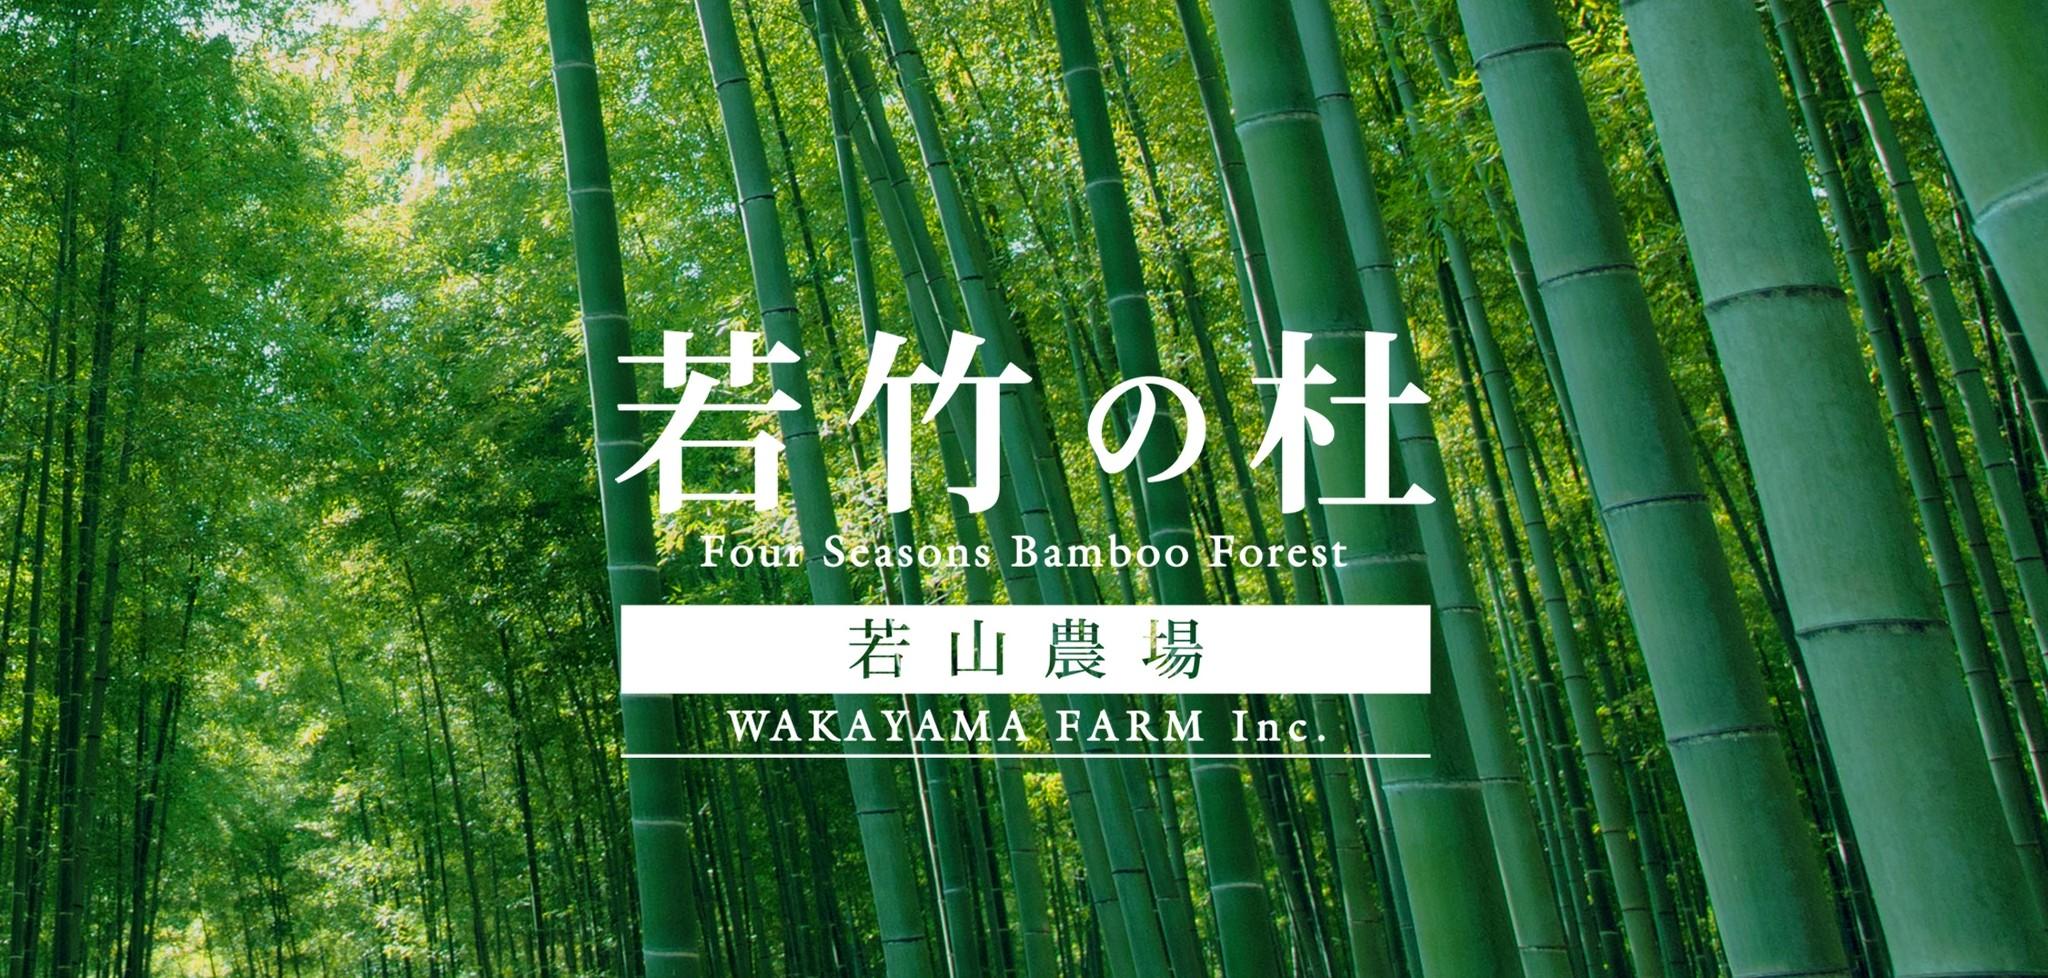 wakayamafarm